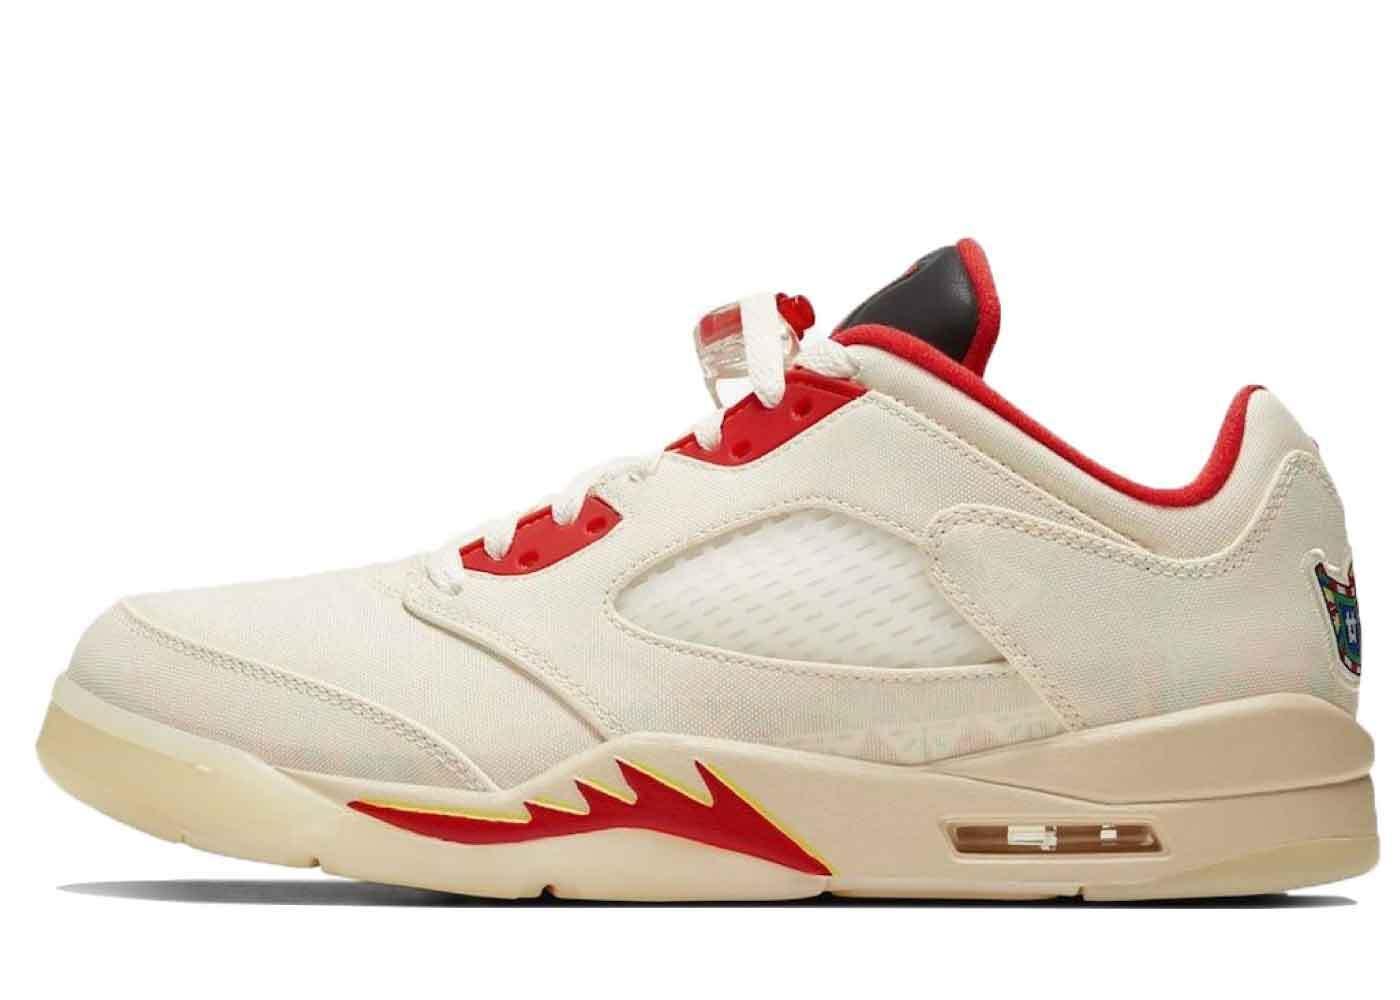 Nike Air Jordan 5 Low Chinese New Yearの写真